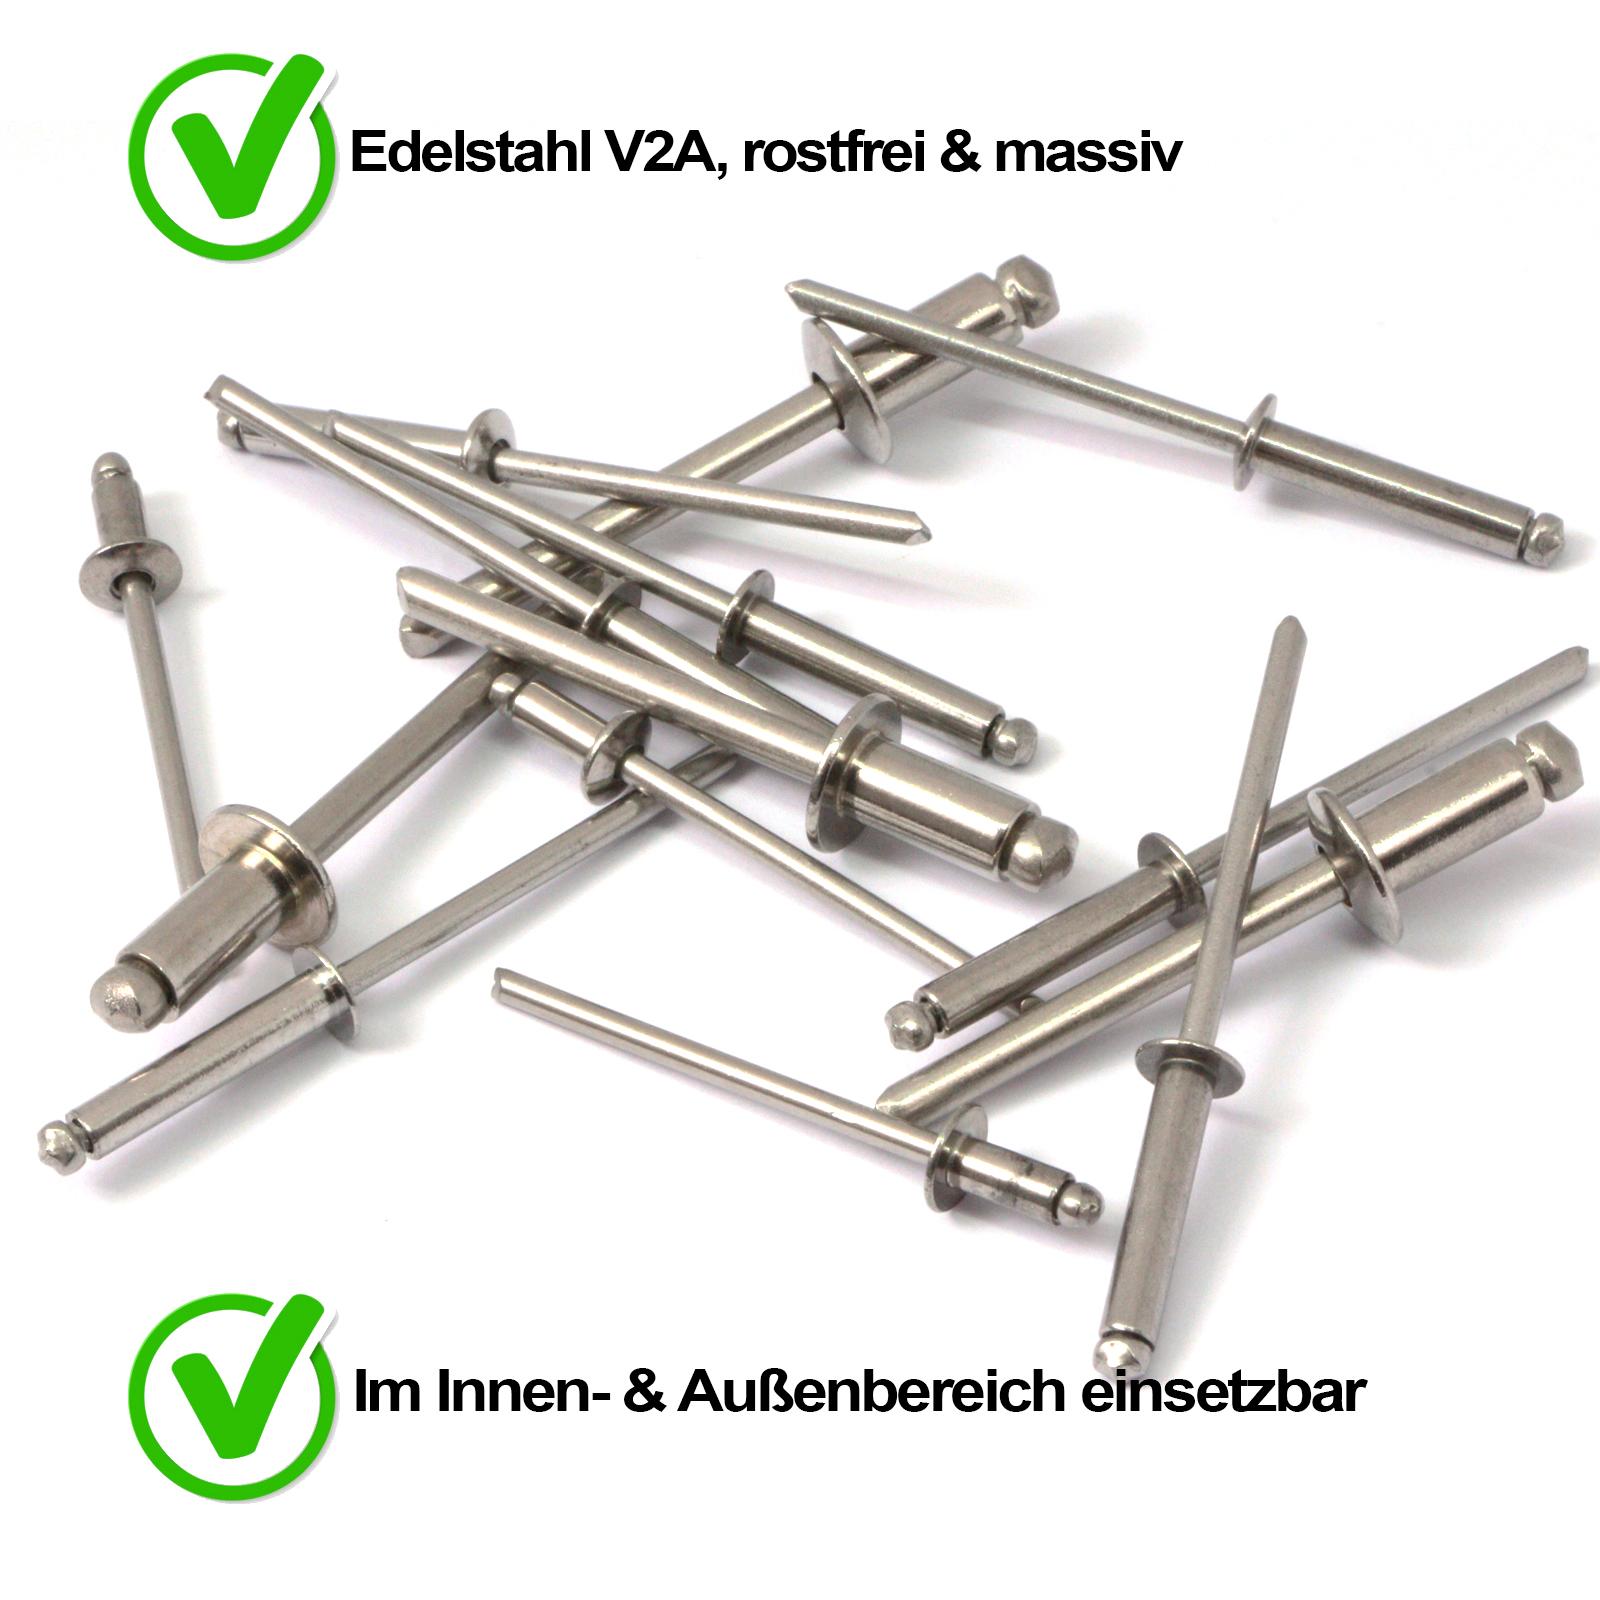 10 St/ück ISO 15983 rostfrei - mit Flachkopf Niet Popnieten DIN 7337 Edelstahl A2 V2A Eisenwaren2000 4,8 x 25 mm Blindniet